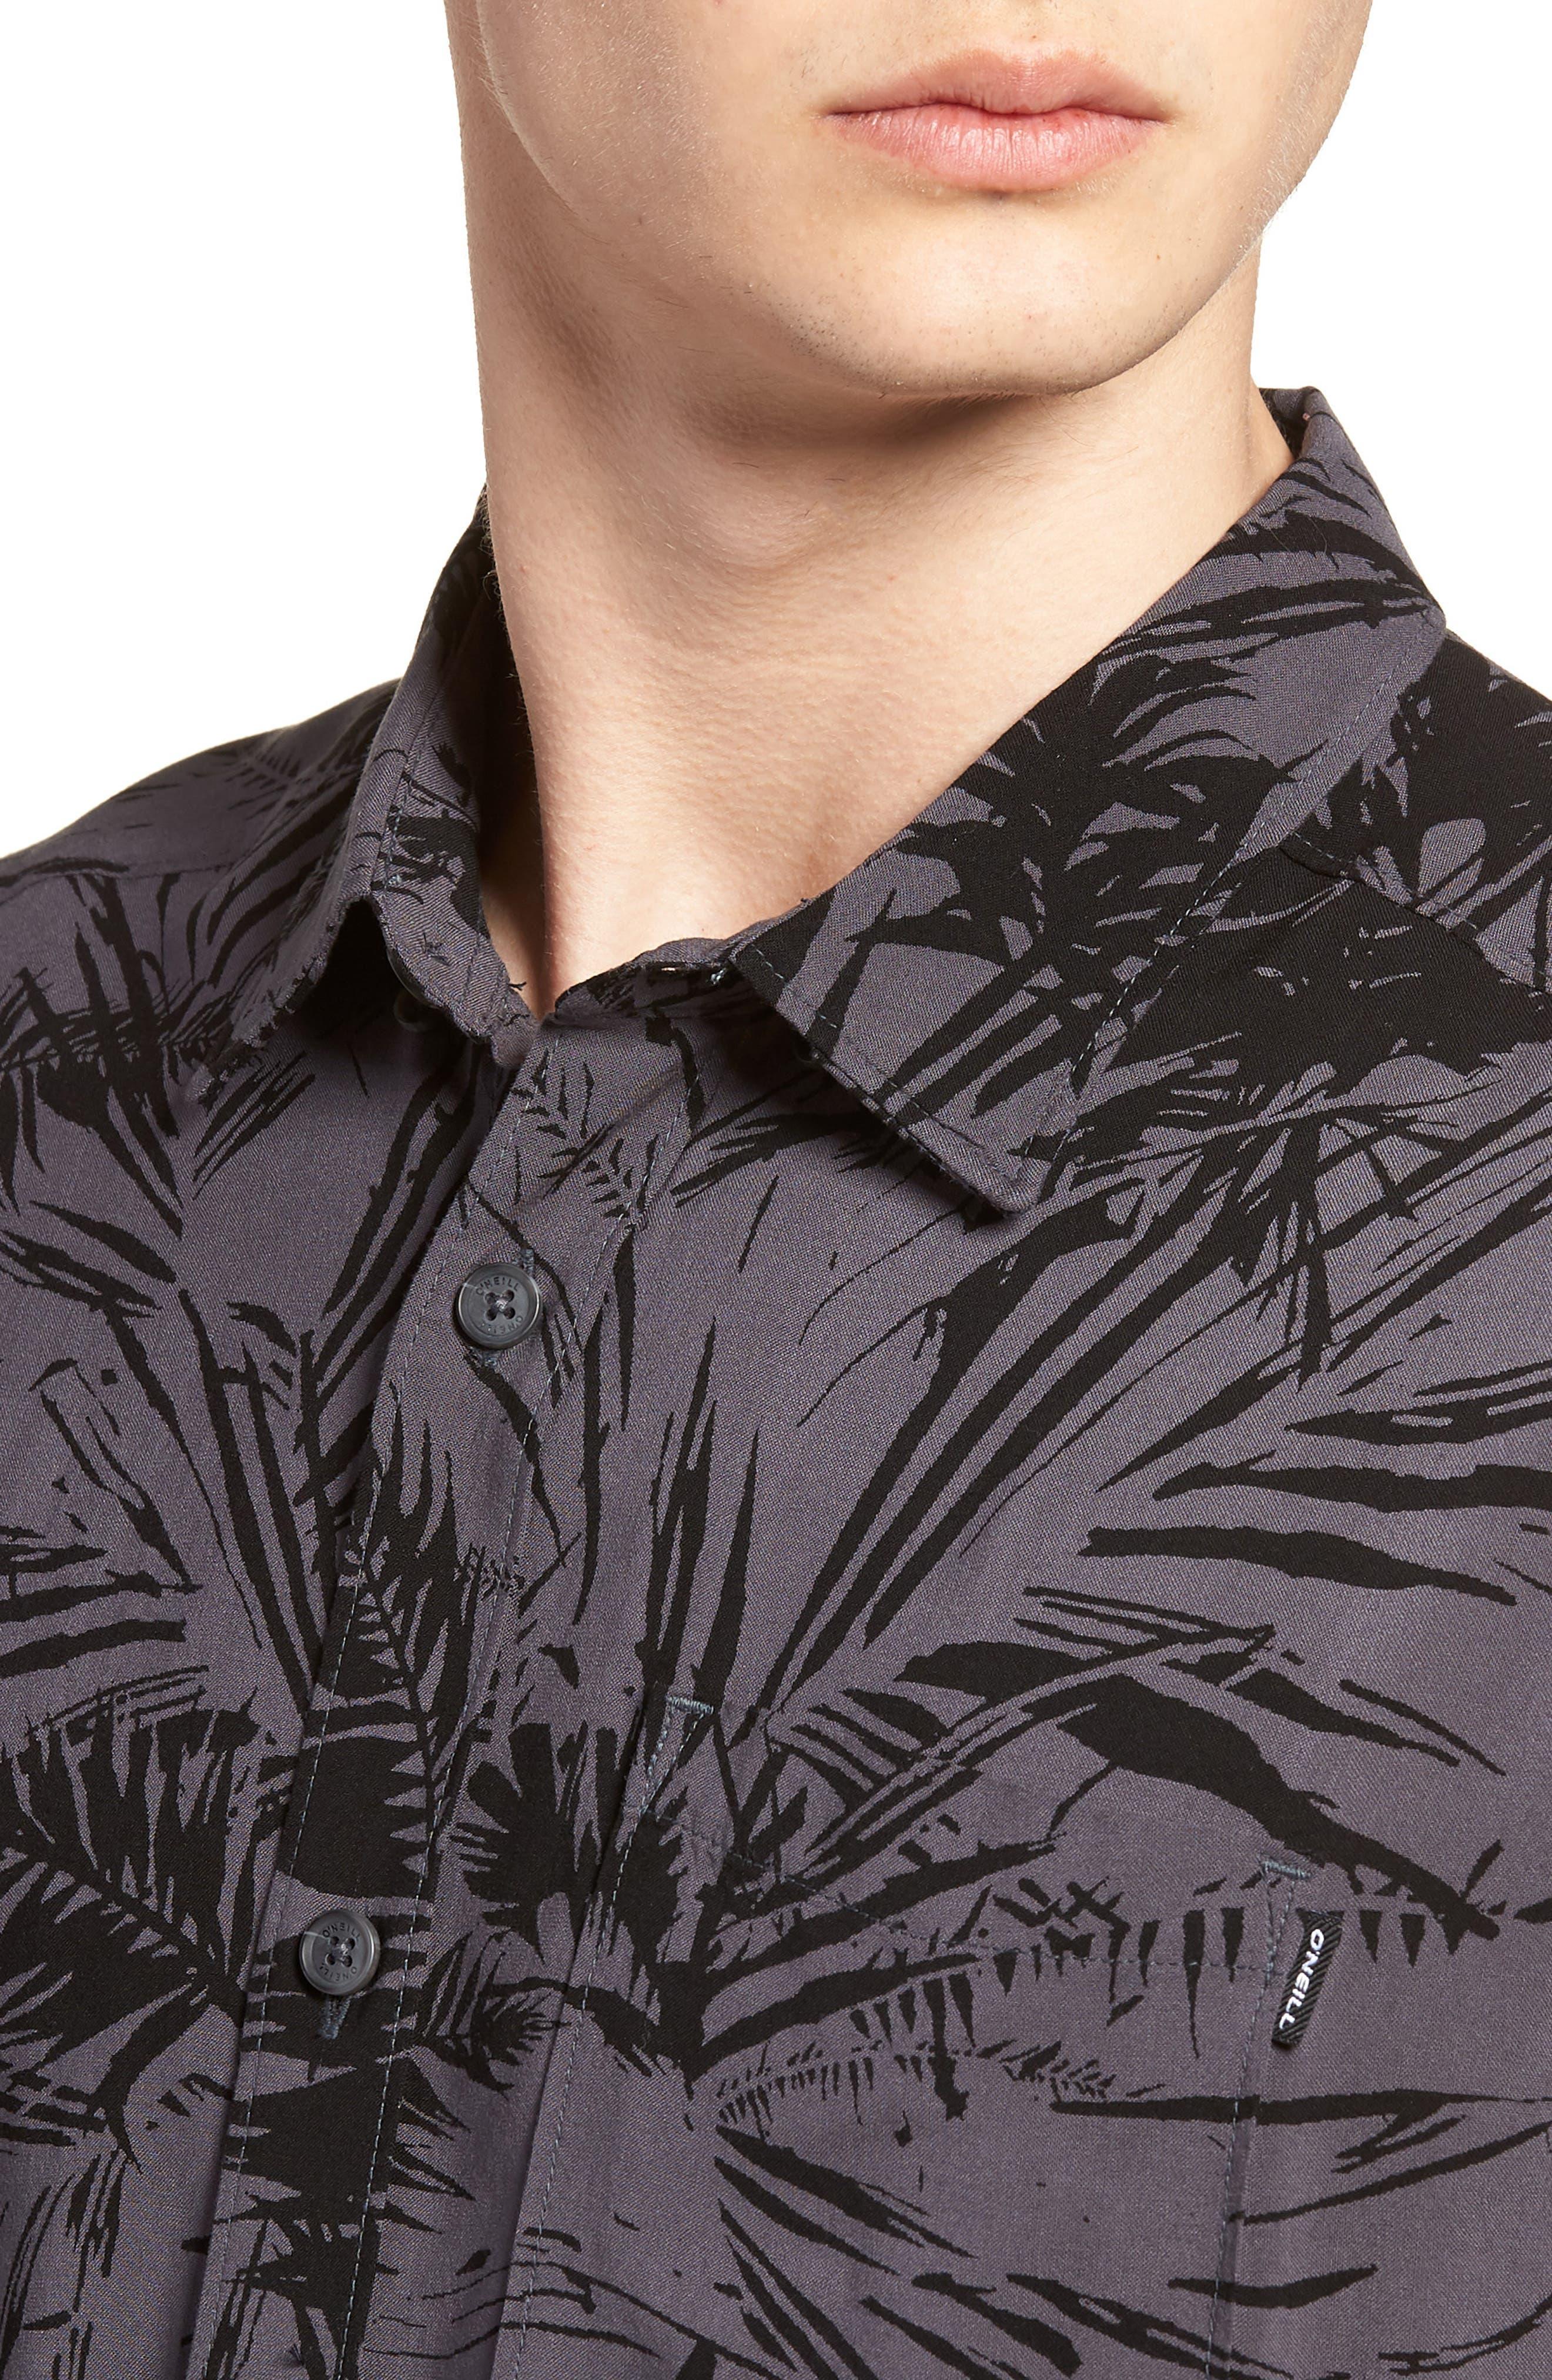 Ascher Woven Shirt,                             Alternate thumbnail 4, color,                             020